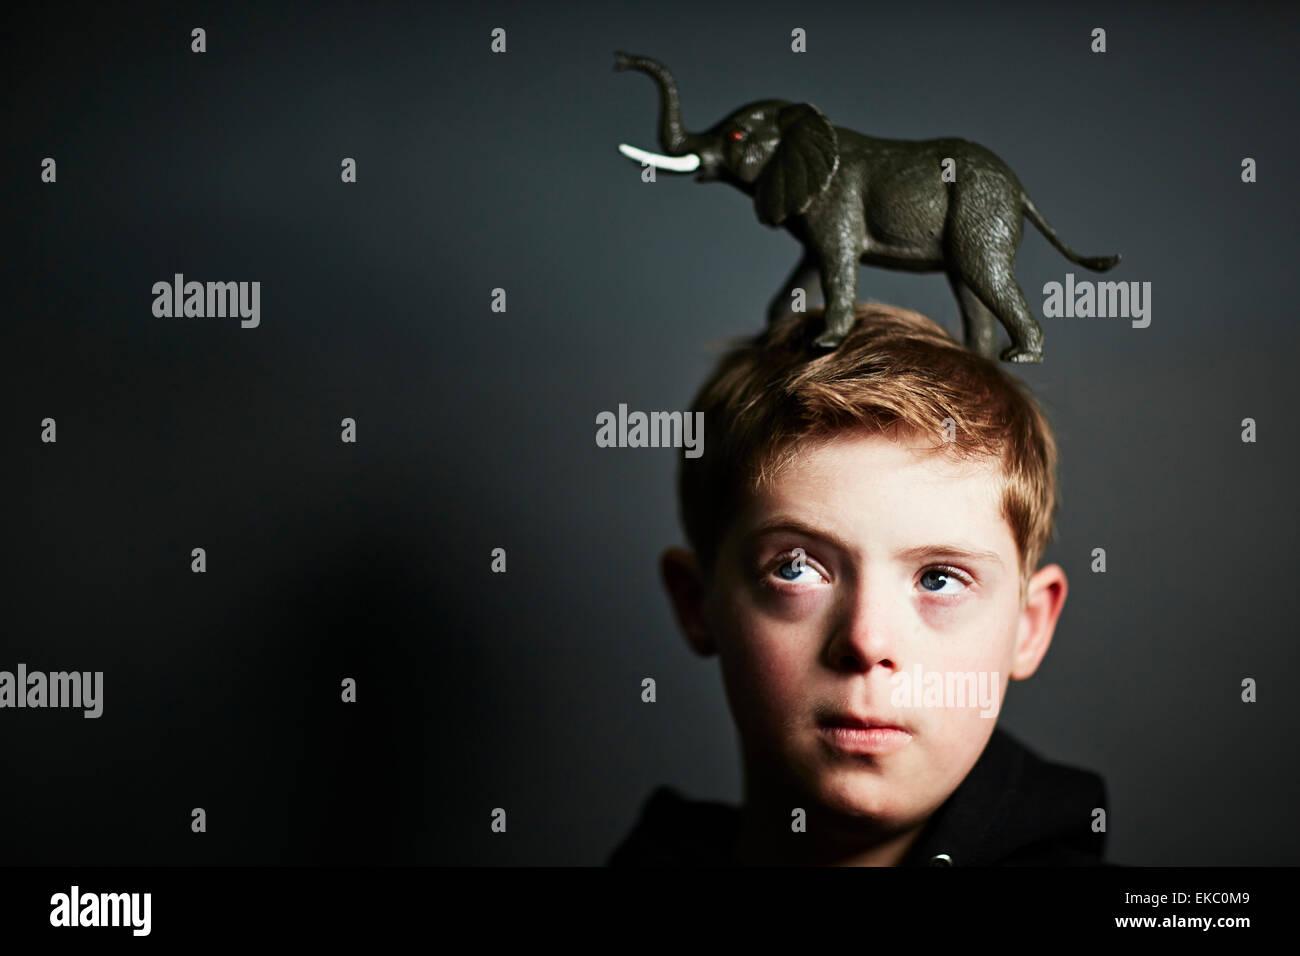 Niño con juguetes de elefante en la parte superior de la cabeza Imagen De Stock